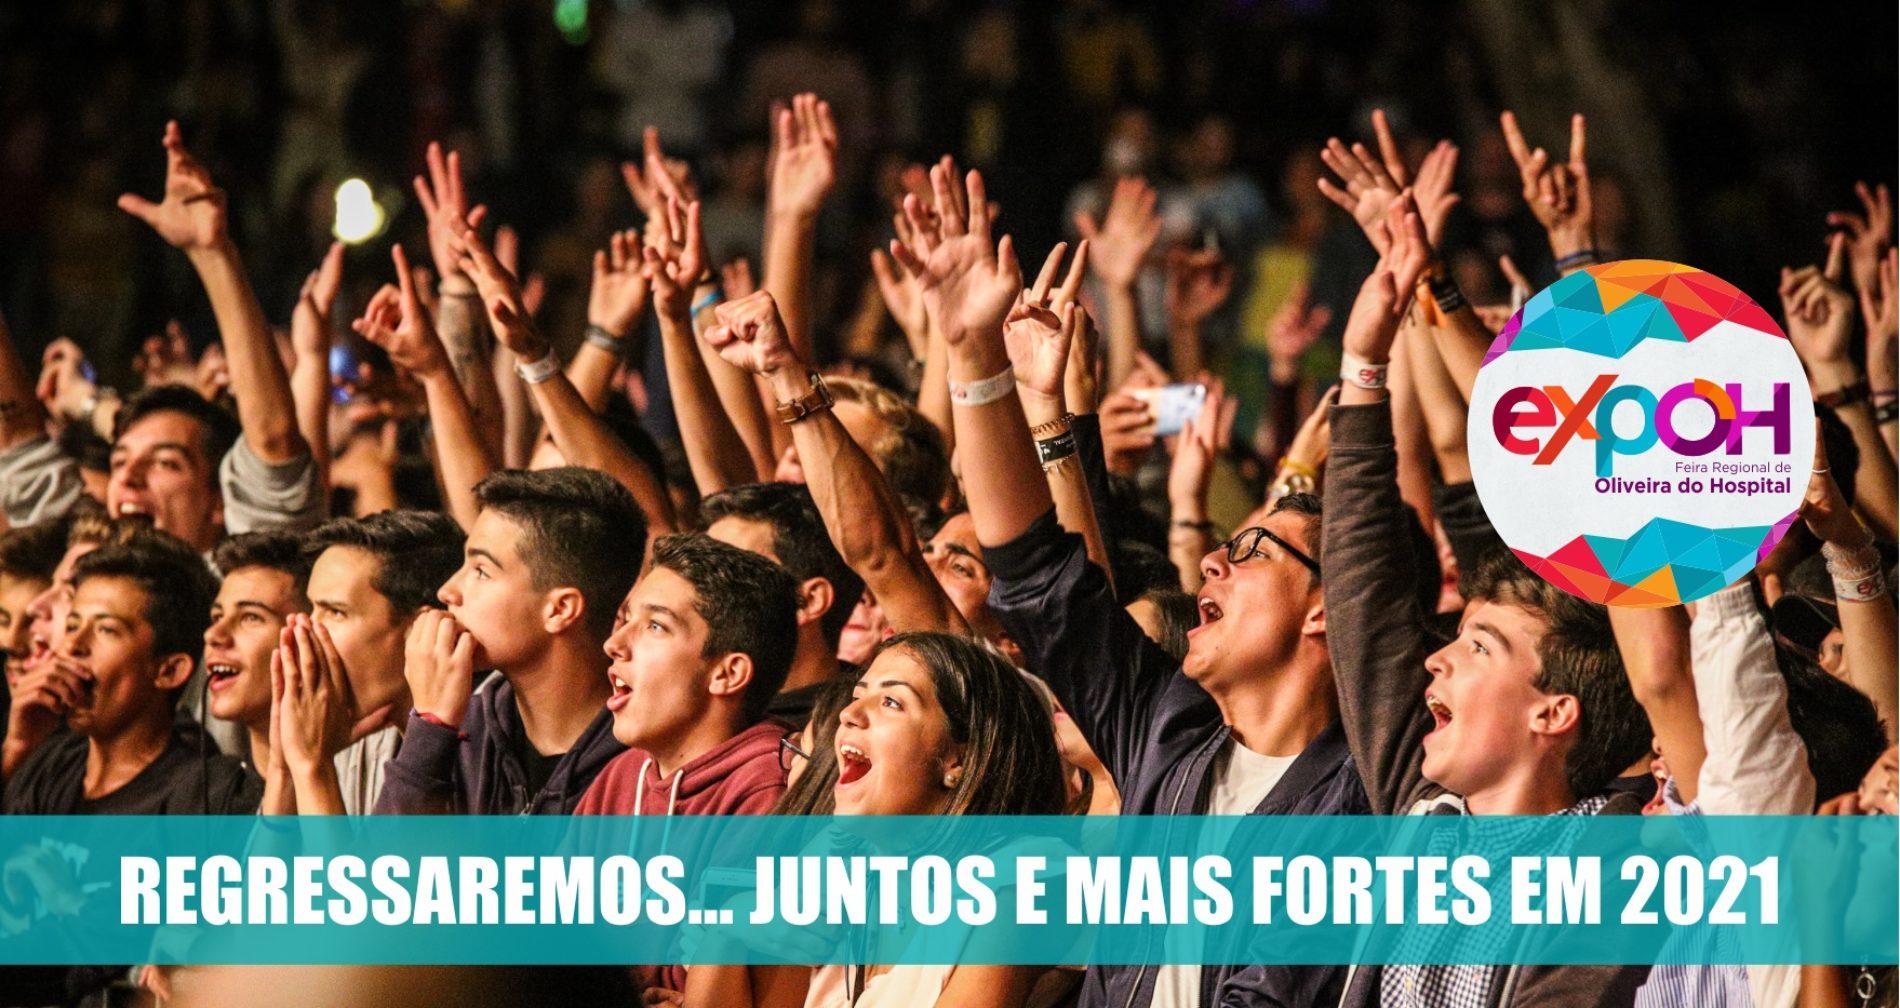 Município de Oliveira do Hospital cancela EXPOH. Evento regressa em 2021